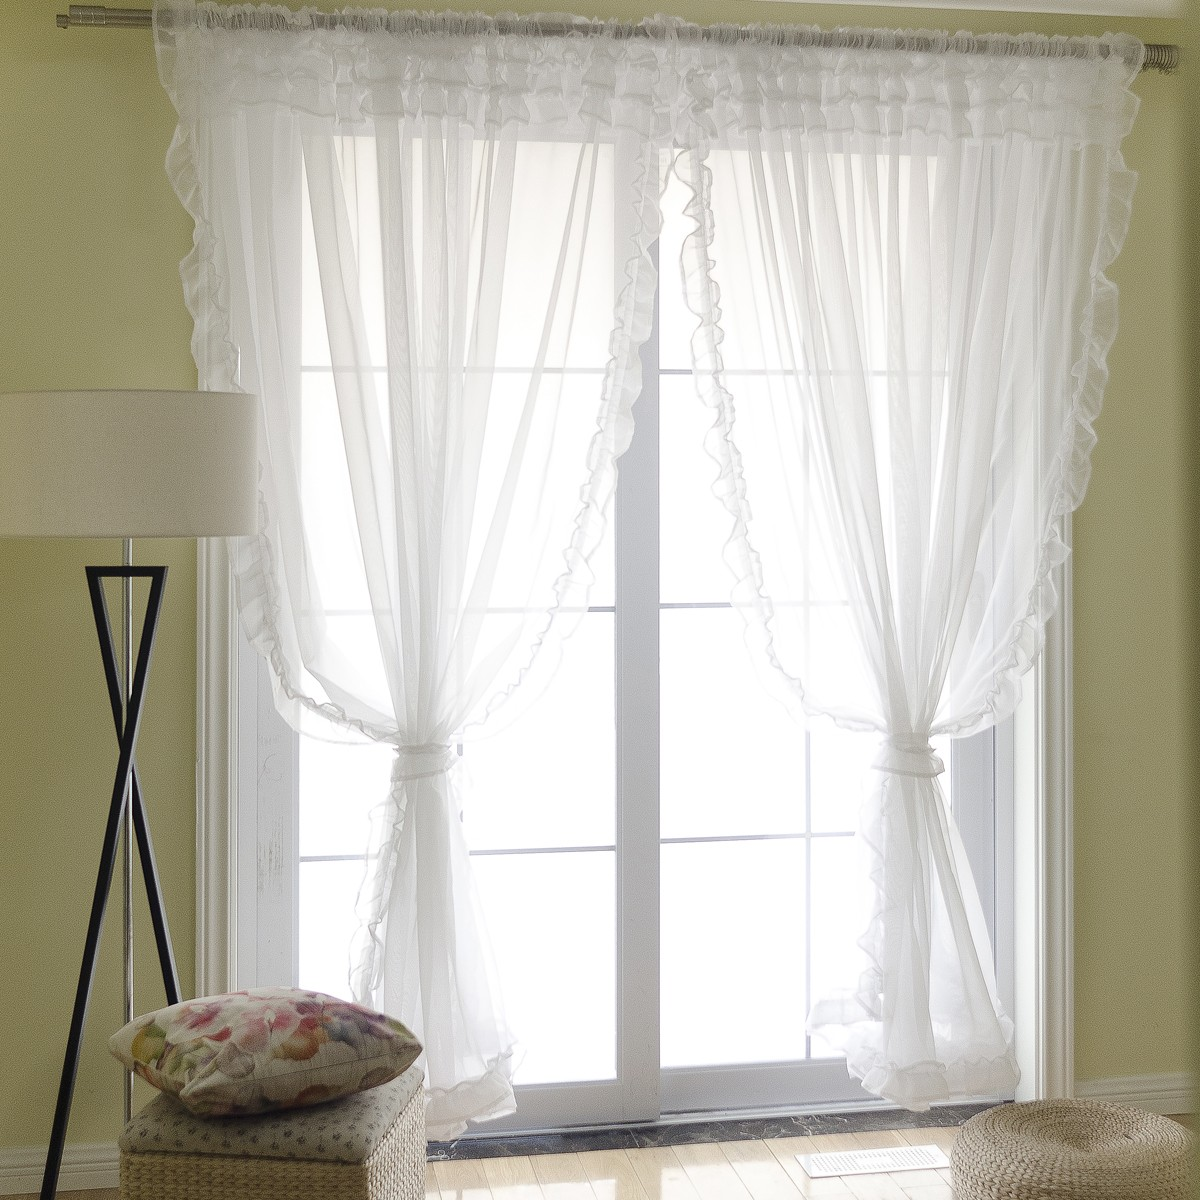 White ruffle curtain - More Views